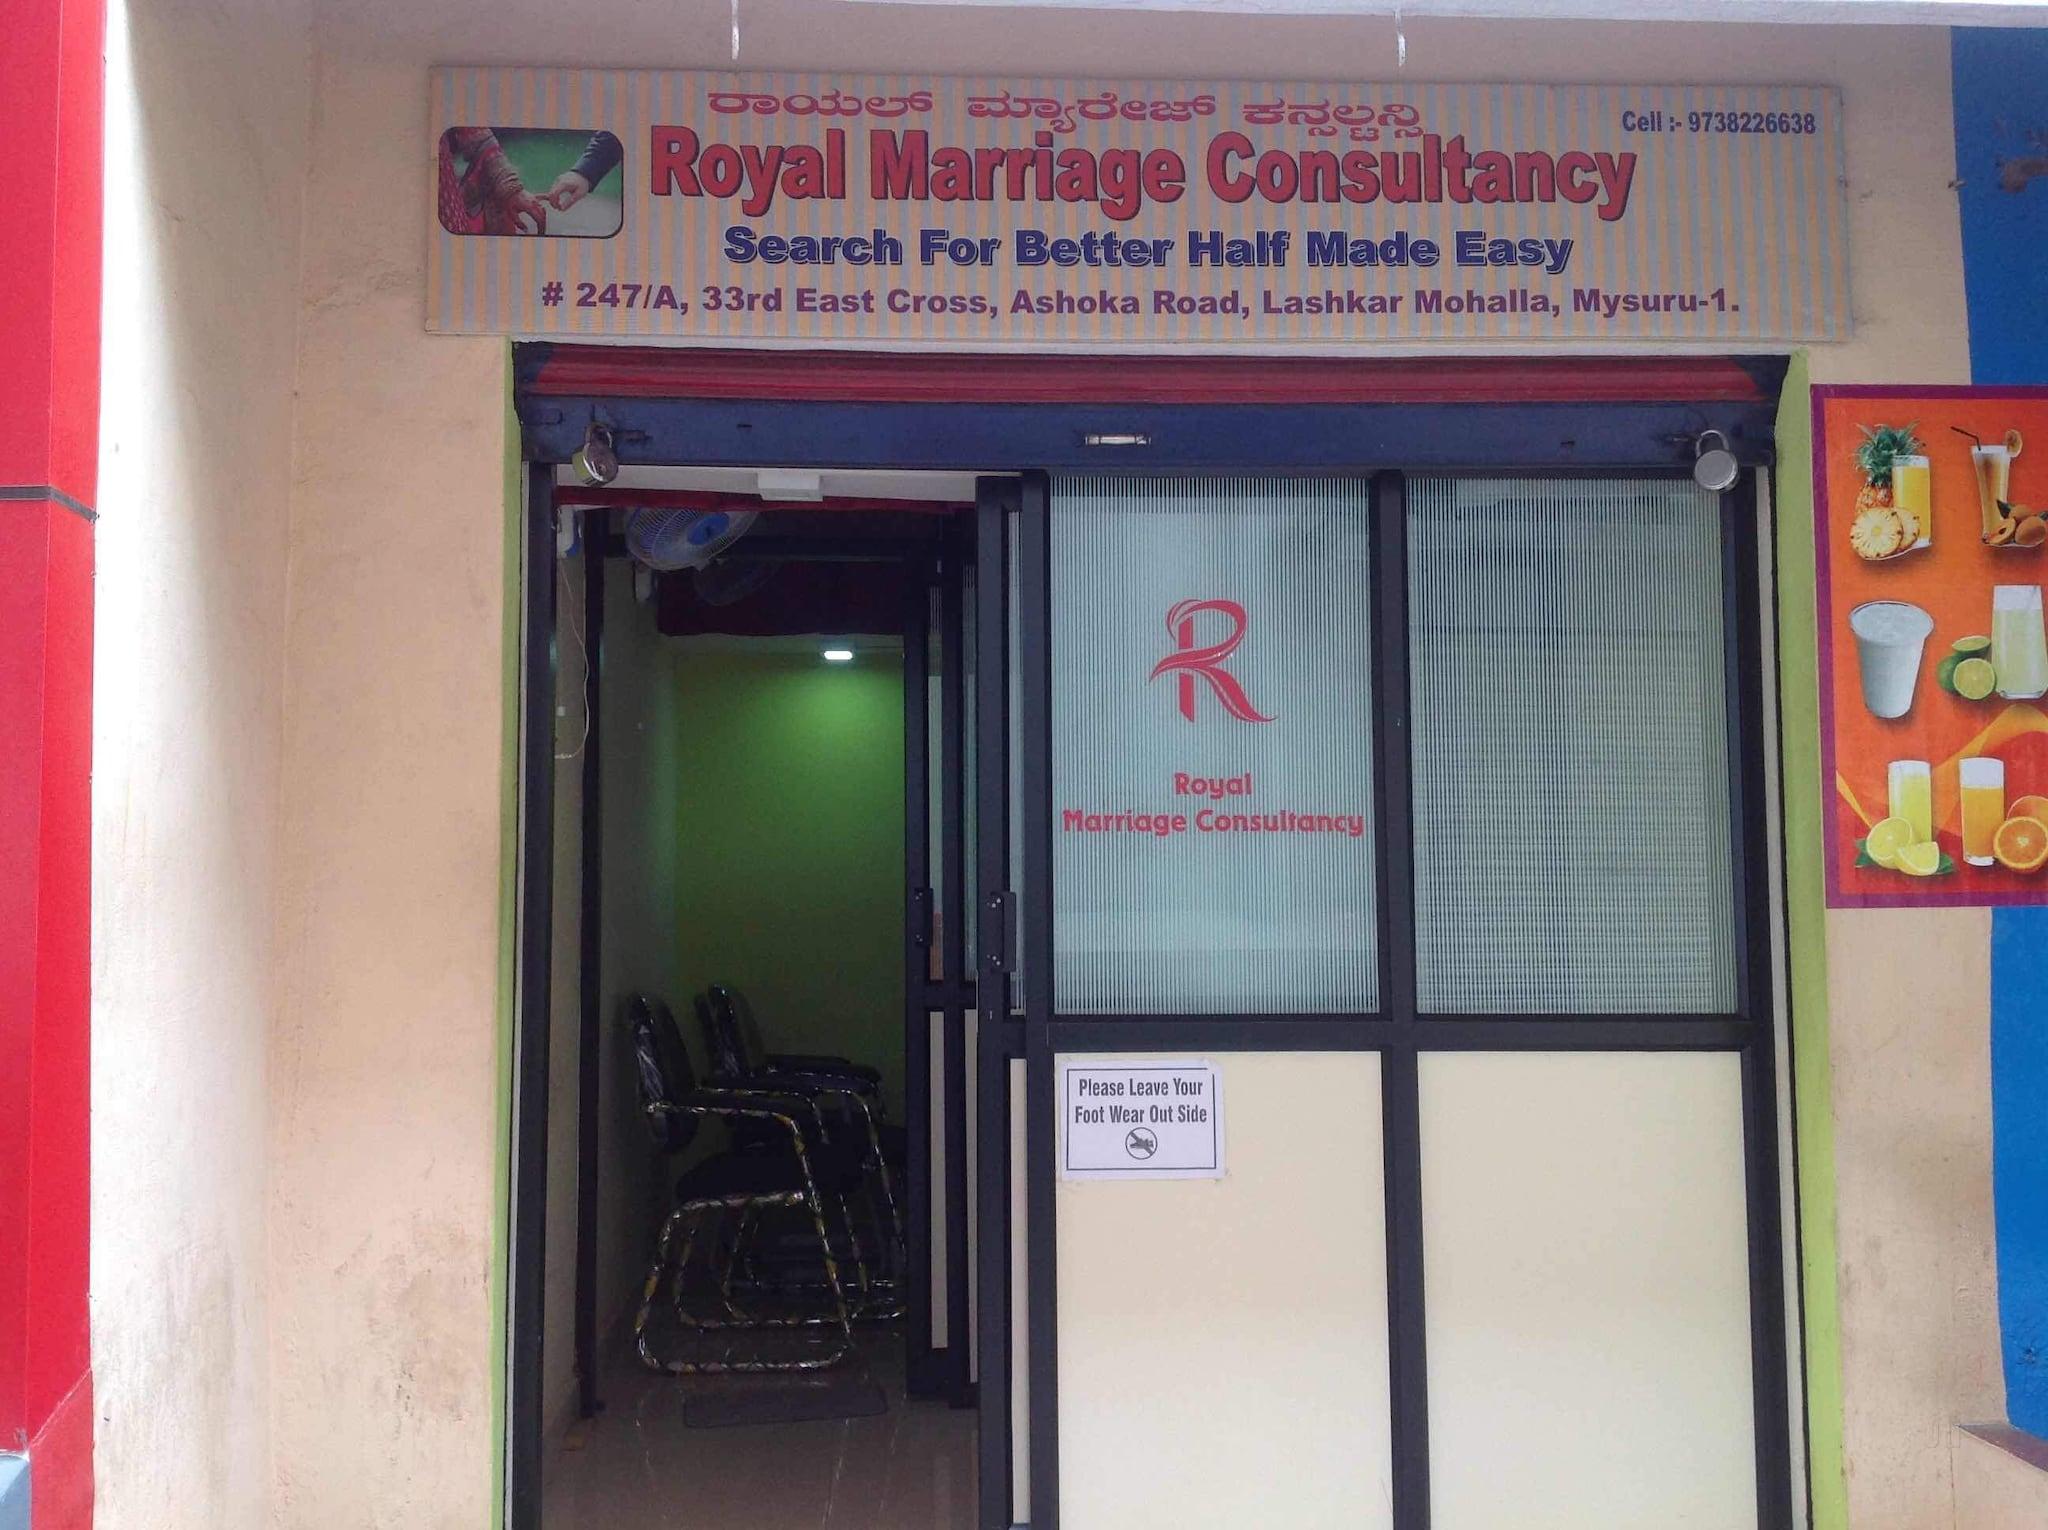 Top Marriage Brokers in Lashkar Mohalla - Best Re Marriage Brokers